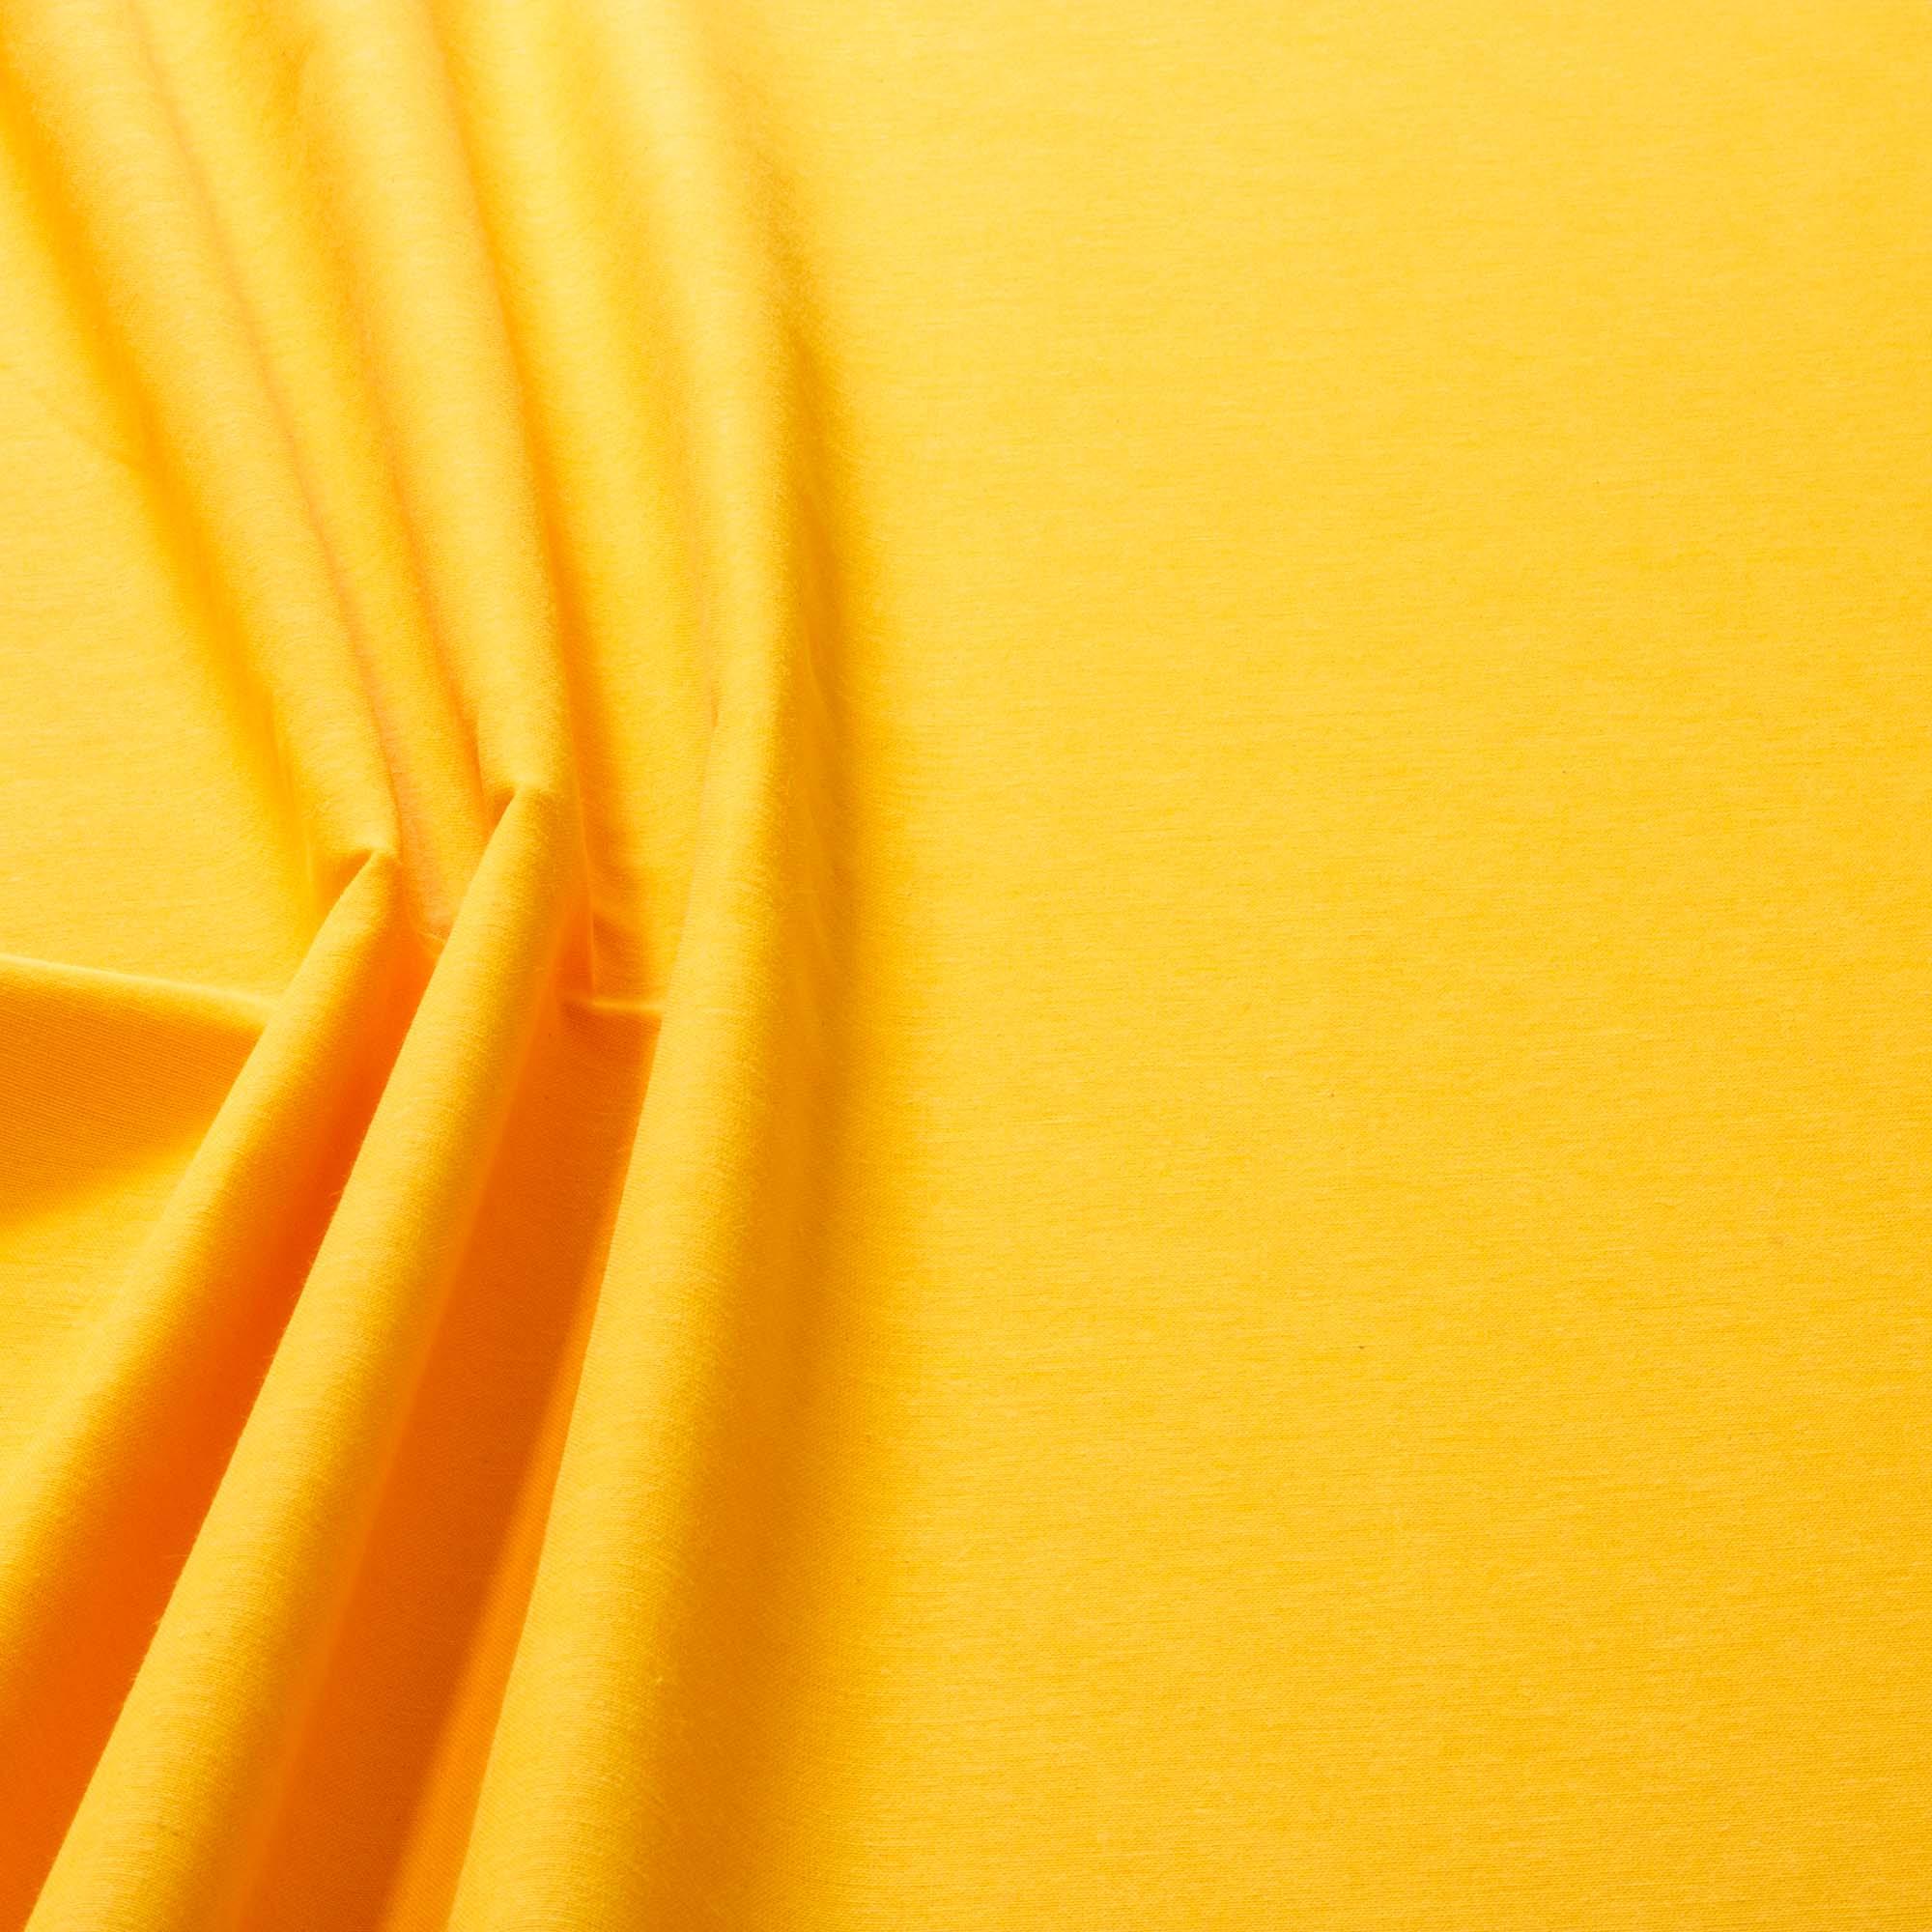 Tecido Alpaca Amarelo Ouro 65% Algodão 35% Poliester 1,40 m Largura